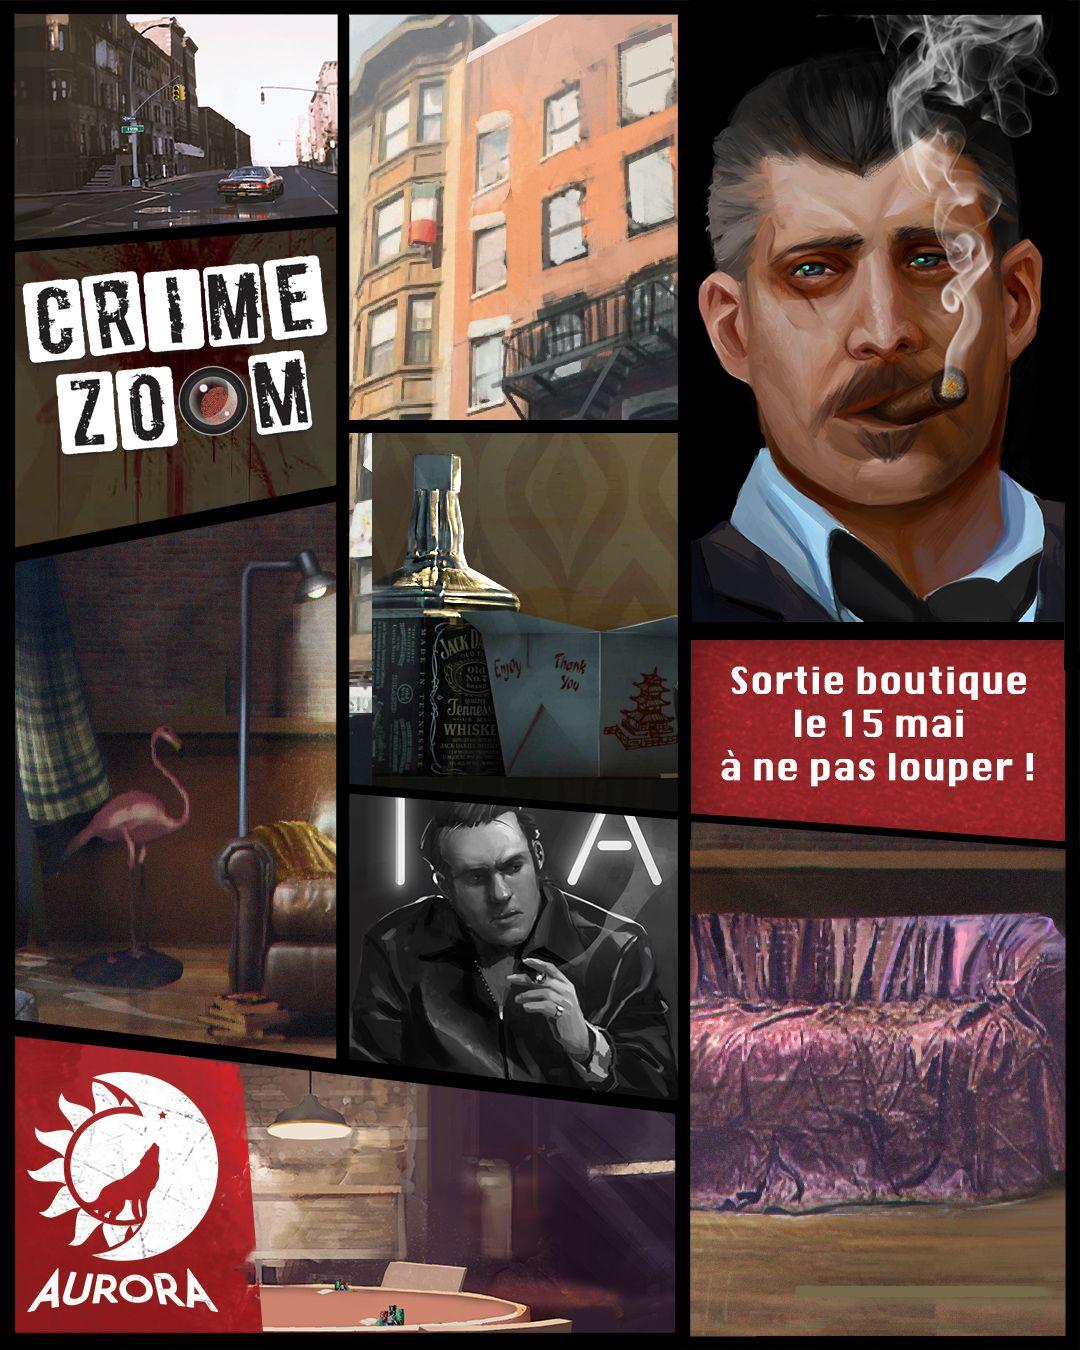 Crime Zoom, visuel © Aurora